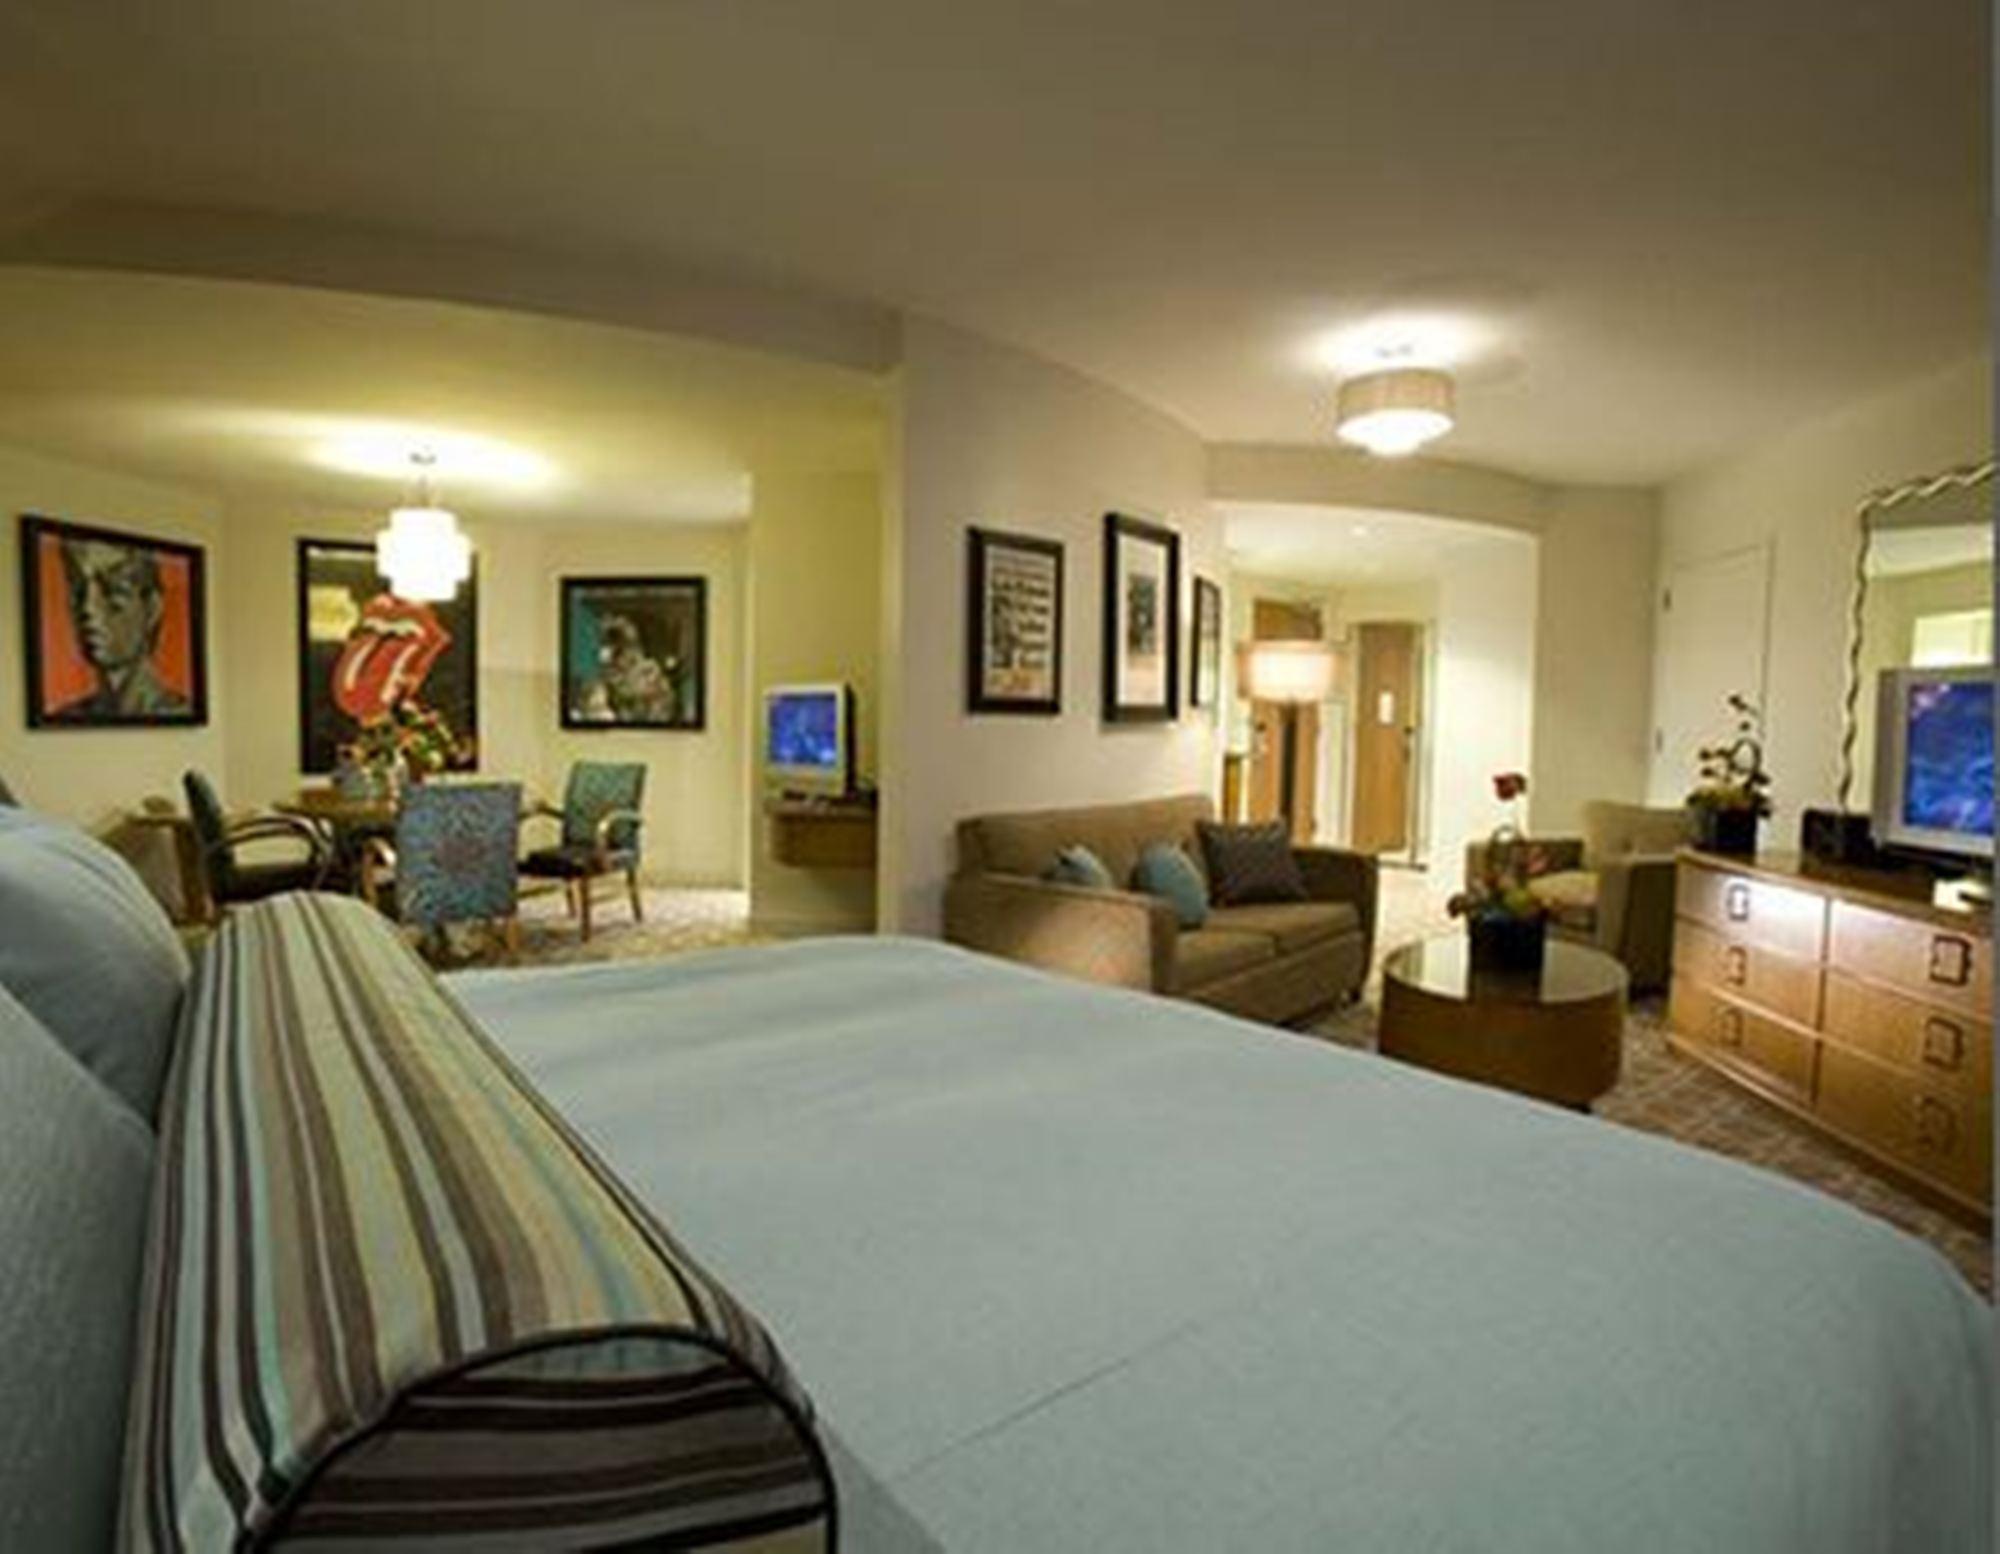 2 Bedroom Hotel Suites Orlando Florida Hard Rock Hotel Orlando